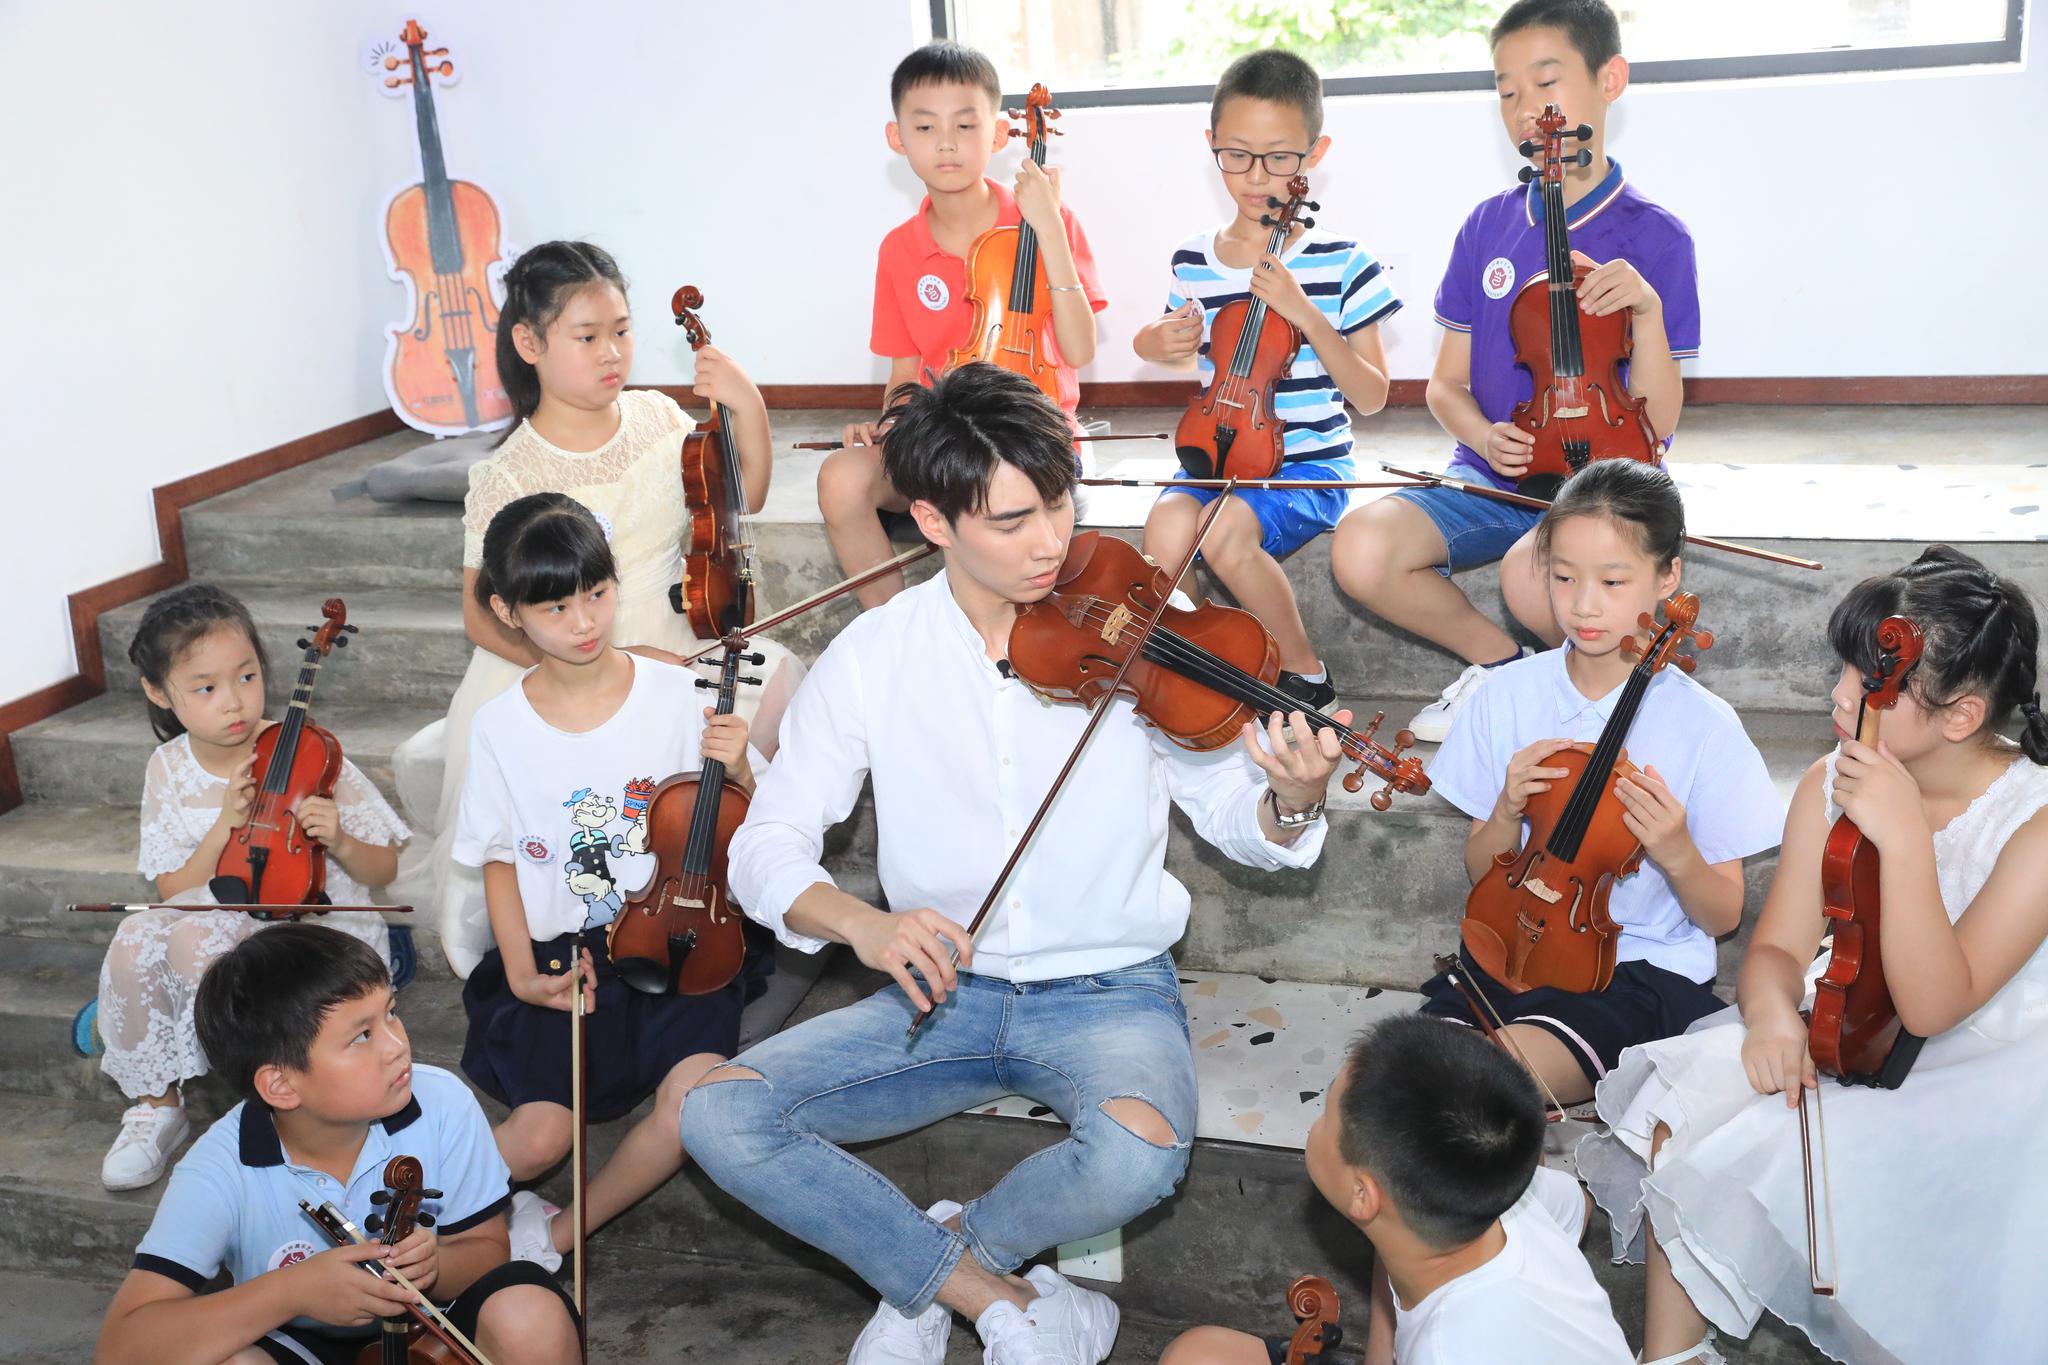 《声入人心2》成员徐凯在长沙与小朋友斗琴